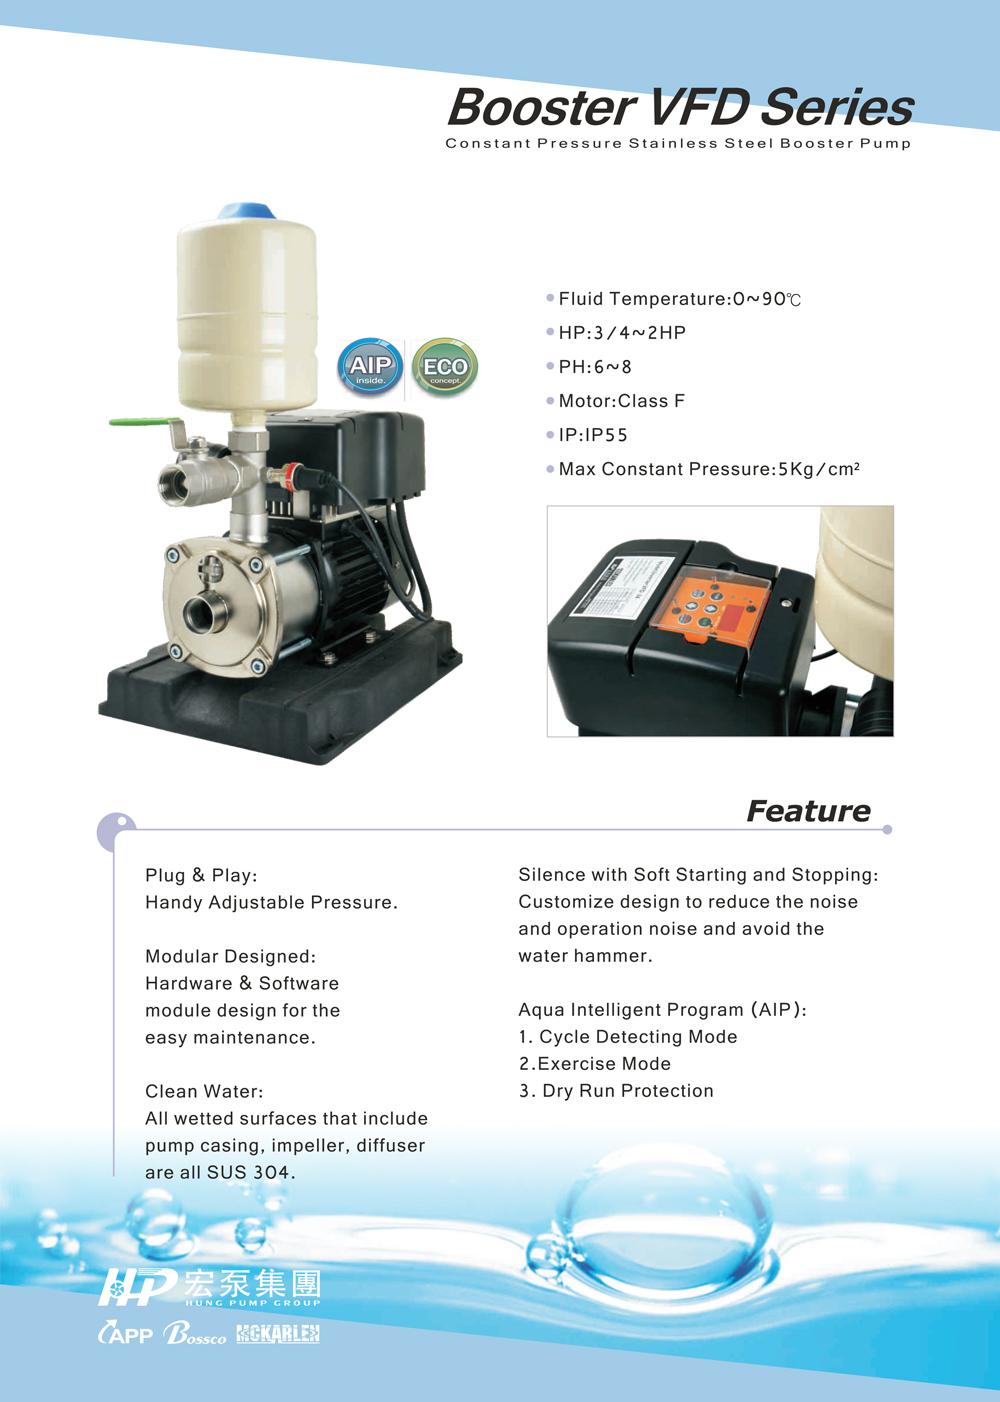 VFD Pressure pumps